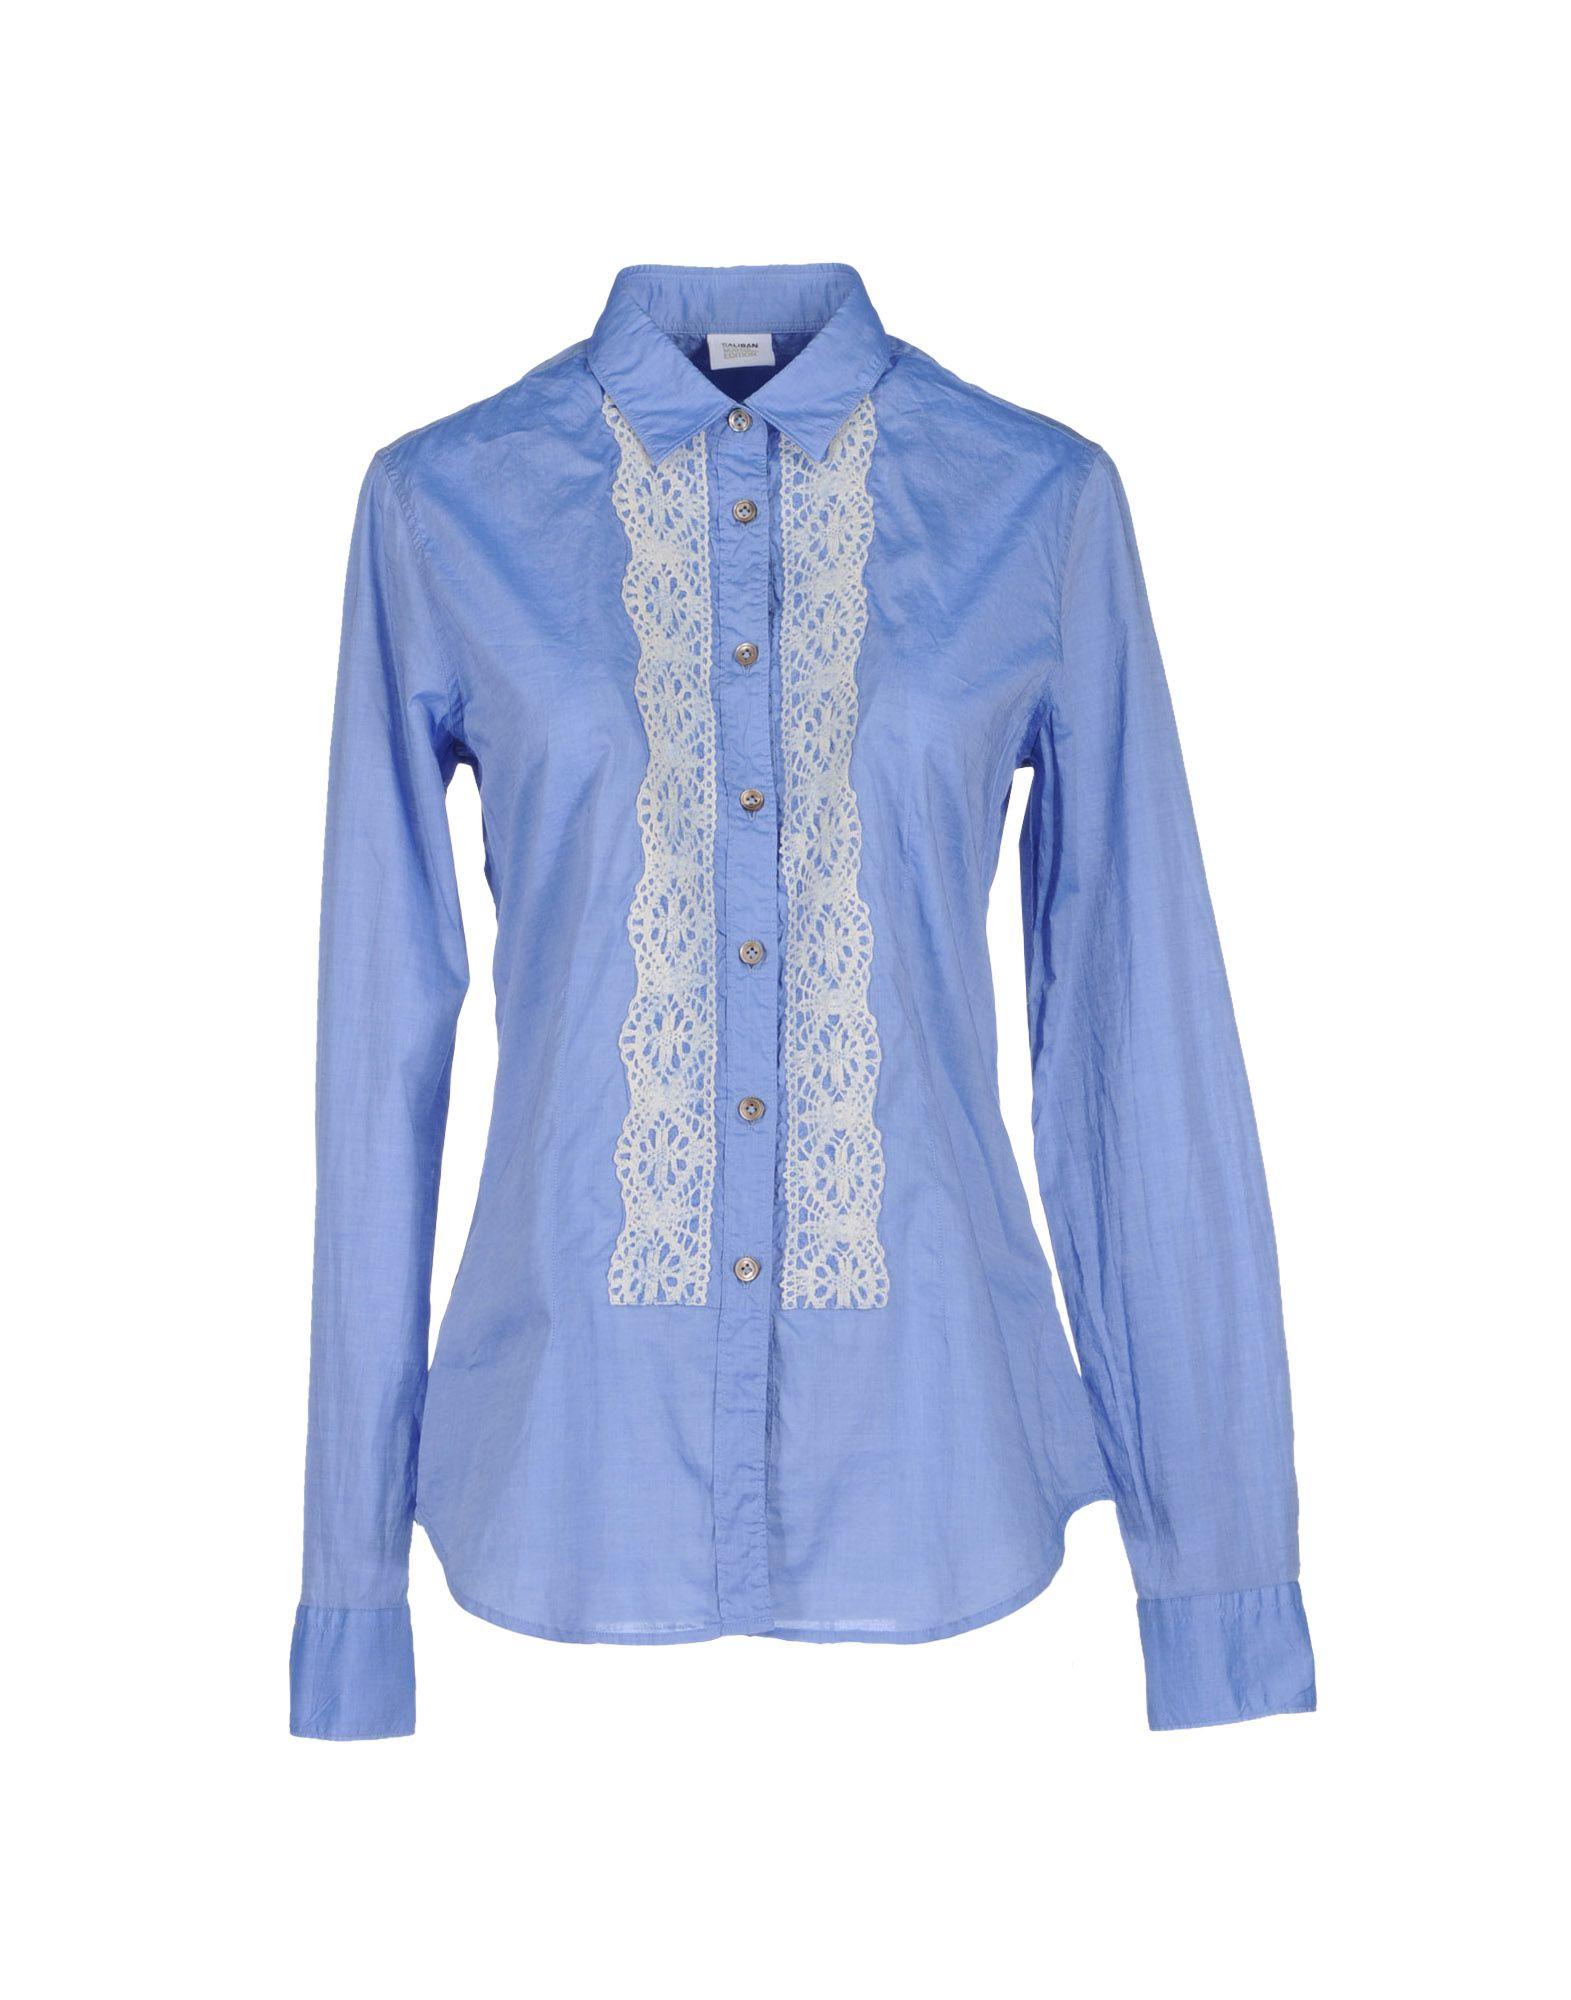 Фото - CALIBAN RUE DE MATHIEU EDITION Рубашка с длинными рукавами рубашка с длинными рукавами 1 мес 3 года